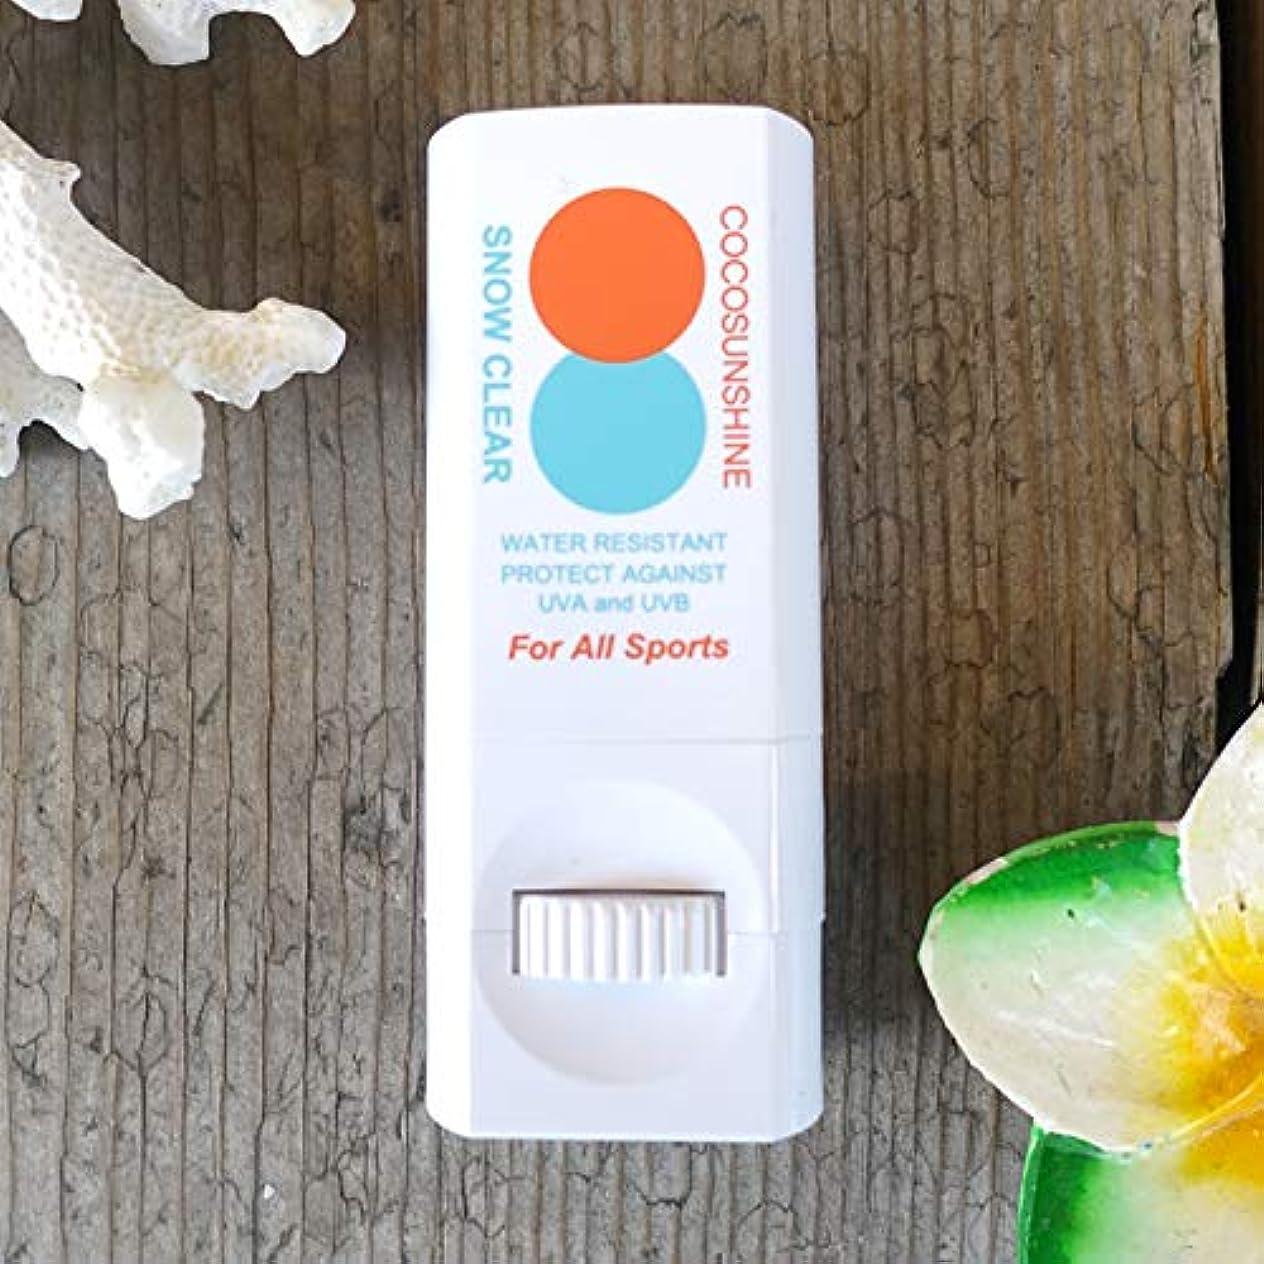 君主制パスポート机Snipe Sports Cosmetic(スナイプ スポーツ コスメティック) COCO SUNSHINE ココサンシャイン 固形 日焼け止め スティック 練り出しタイプ UVプロテクト SPF30 PA++ スノークリア